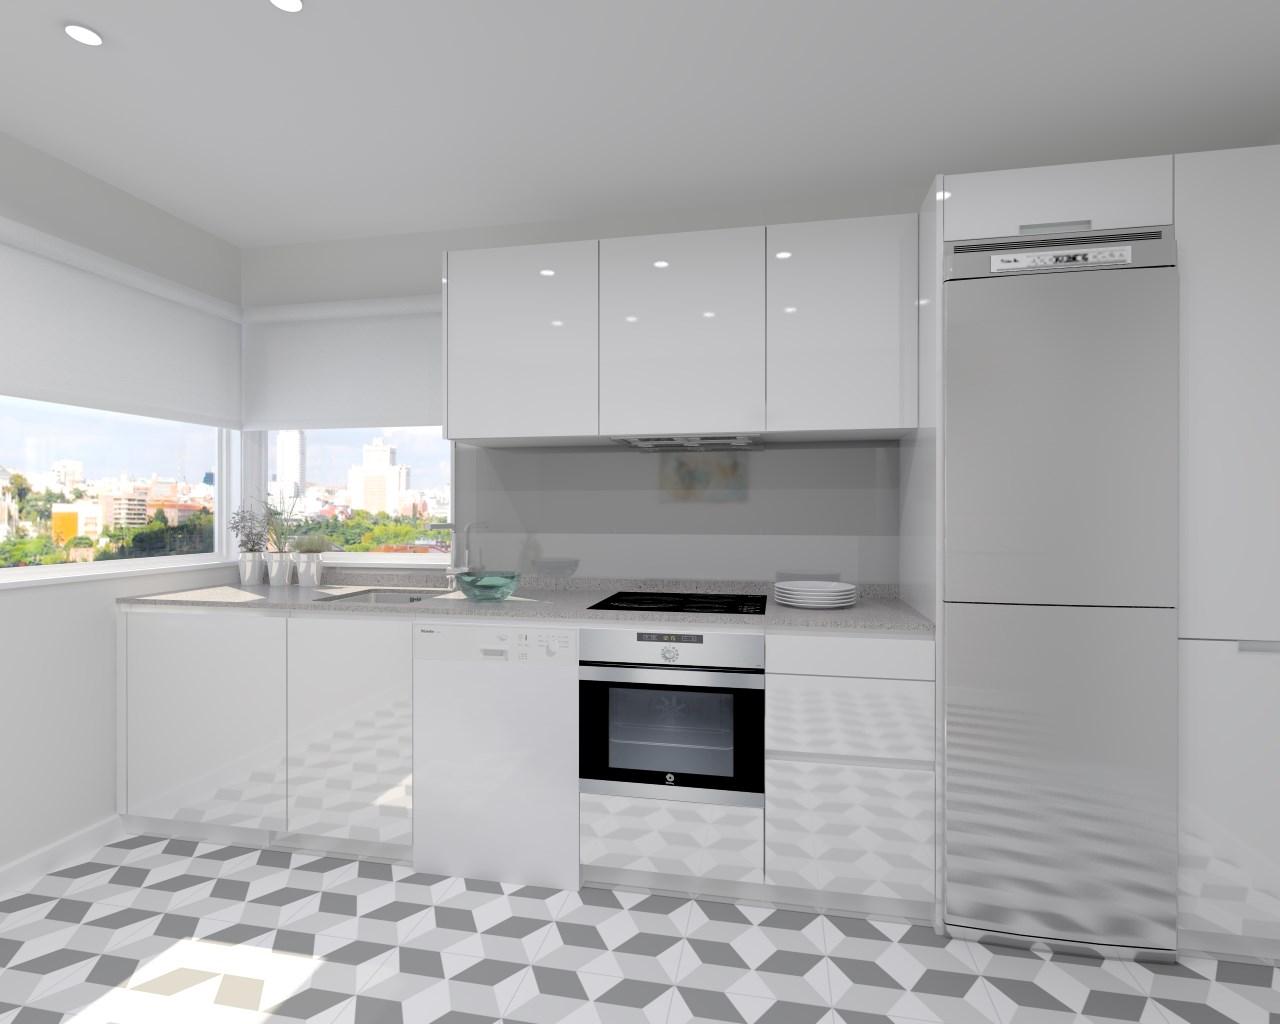 Cocina santos modelo line laminado blanco brillo encimera for Cocinas blancas y grises fotos